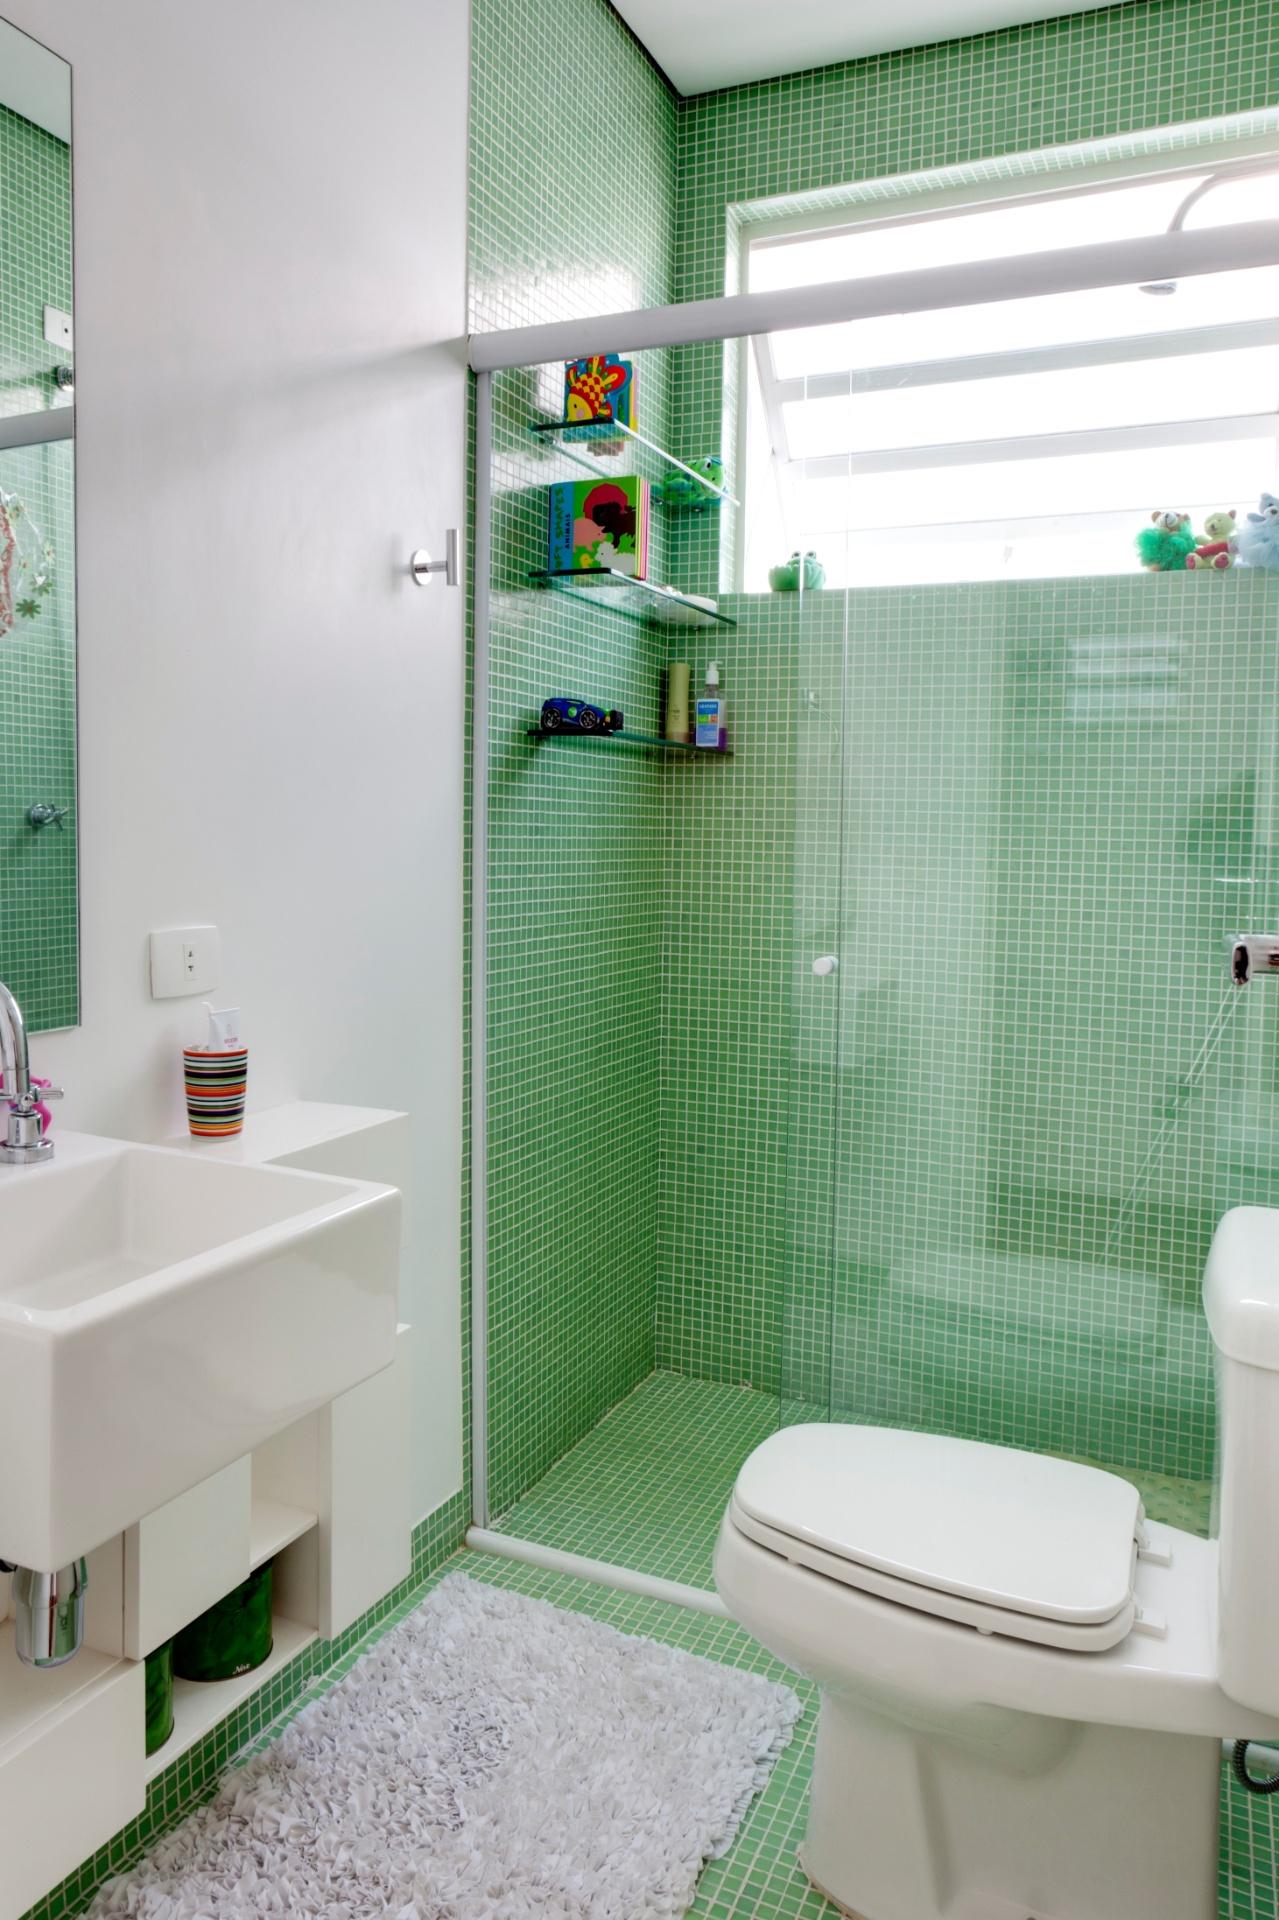 uma cuba em amarelo claro e aplicaram pastilhas alaranjadas em parte #1D3418 1279x1920 Banheiro Com Pastilha Em Uma Parede